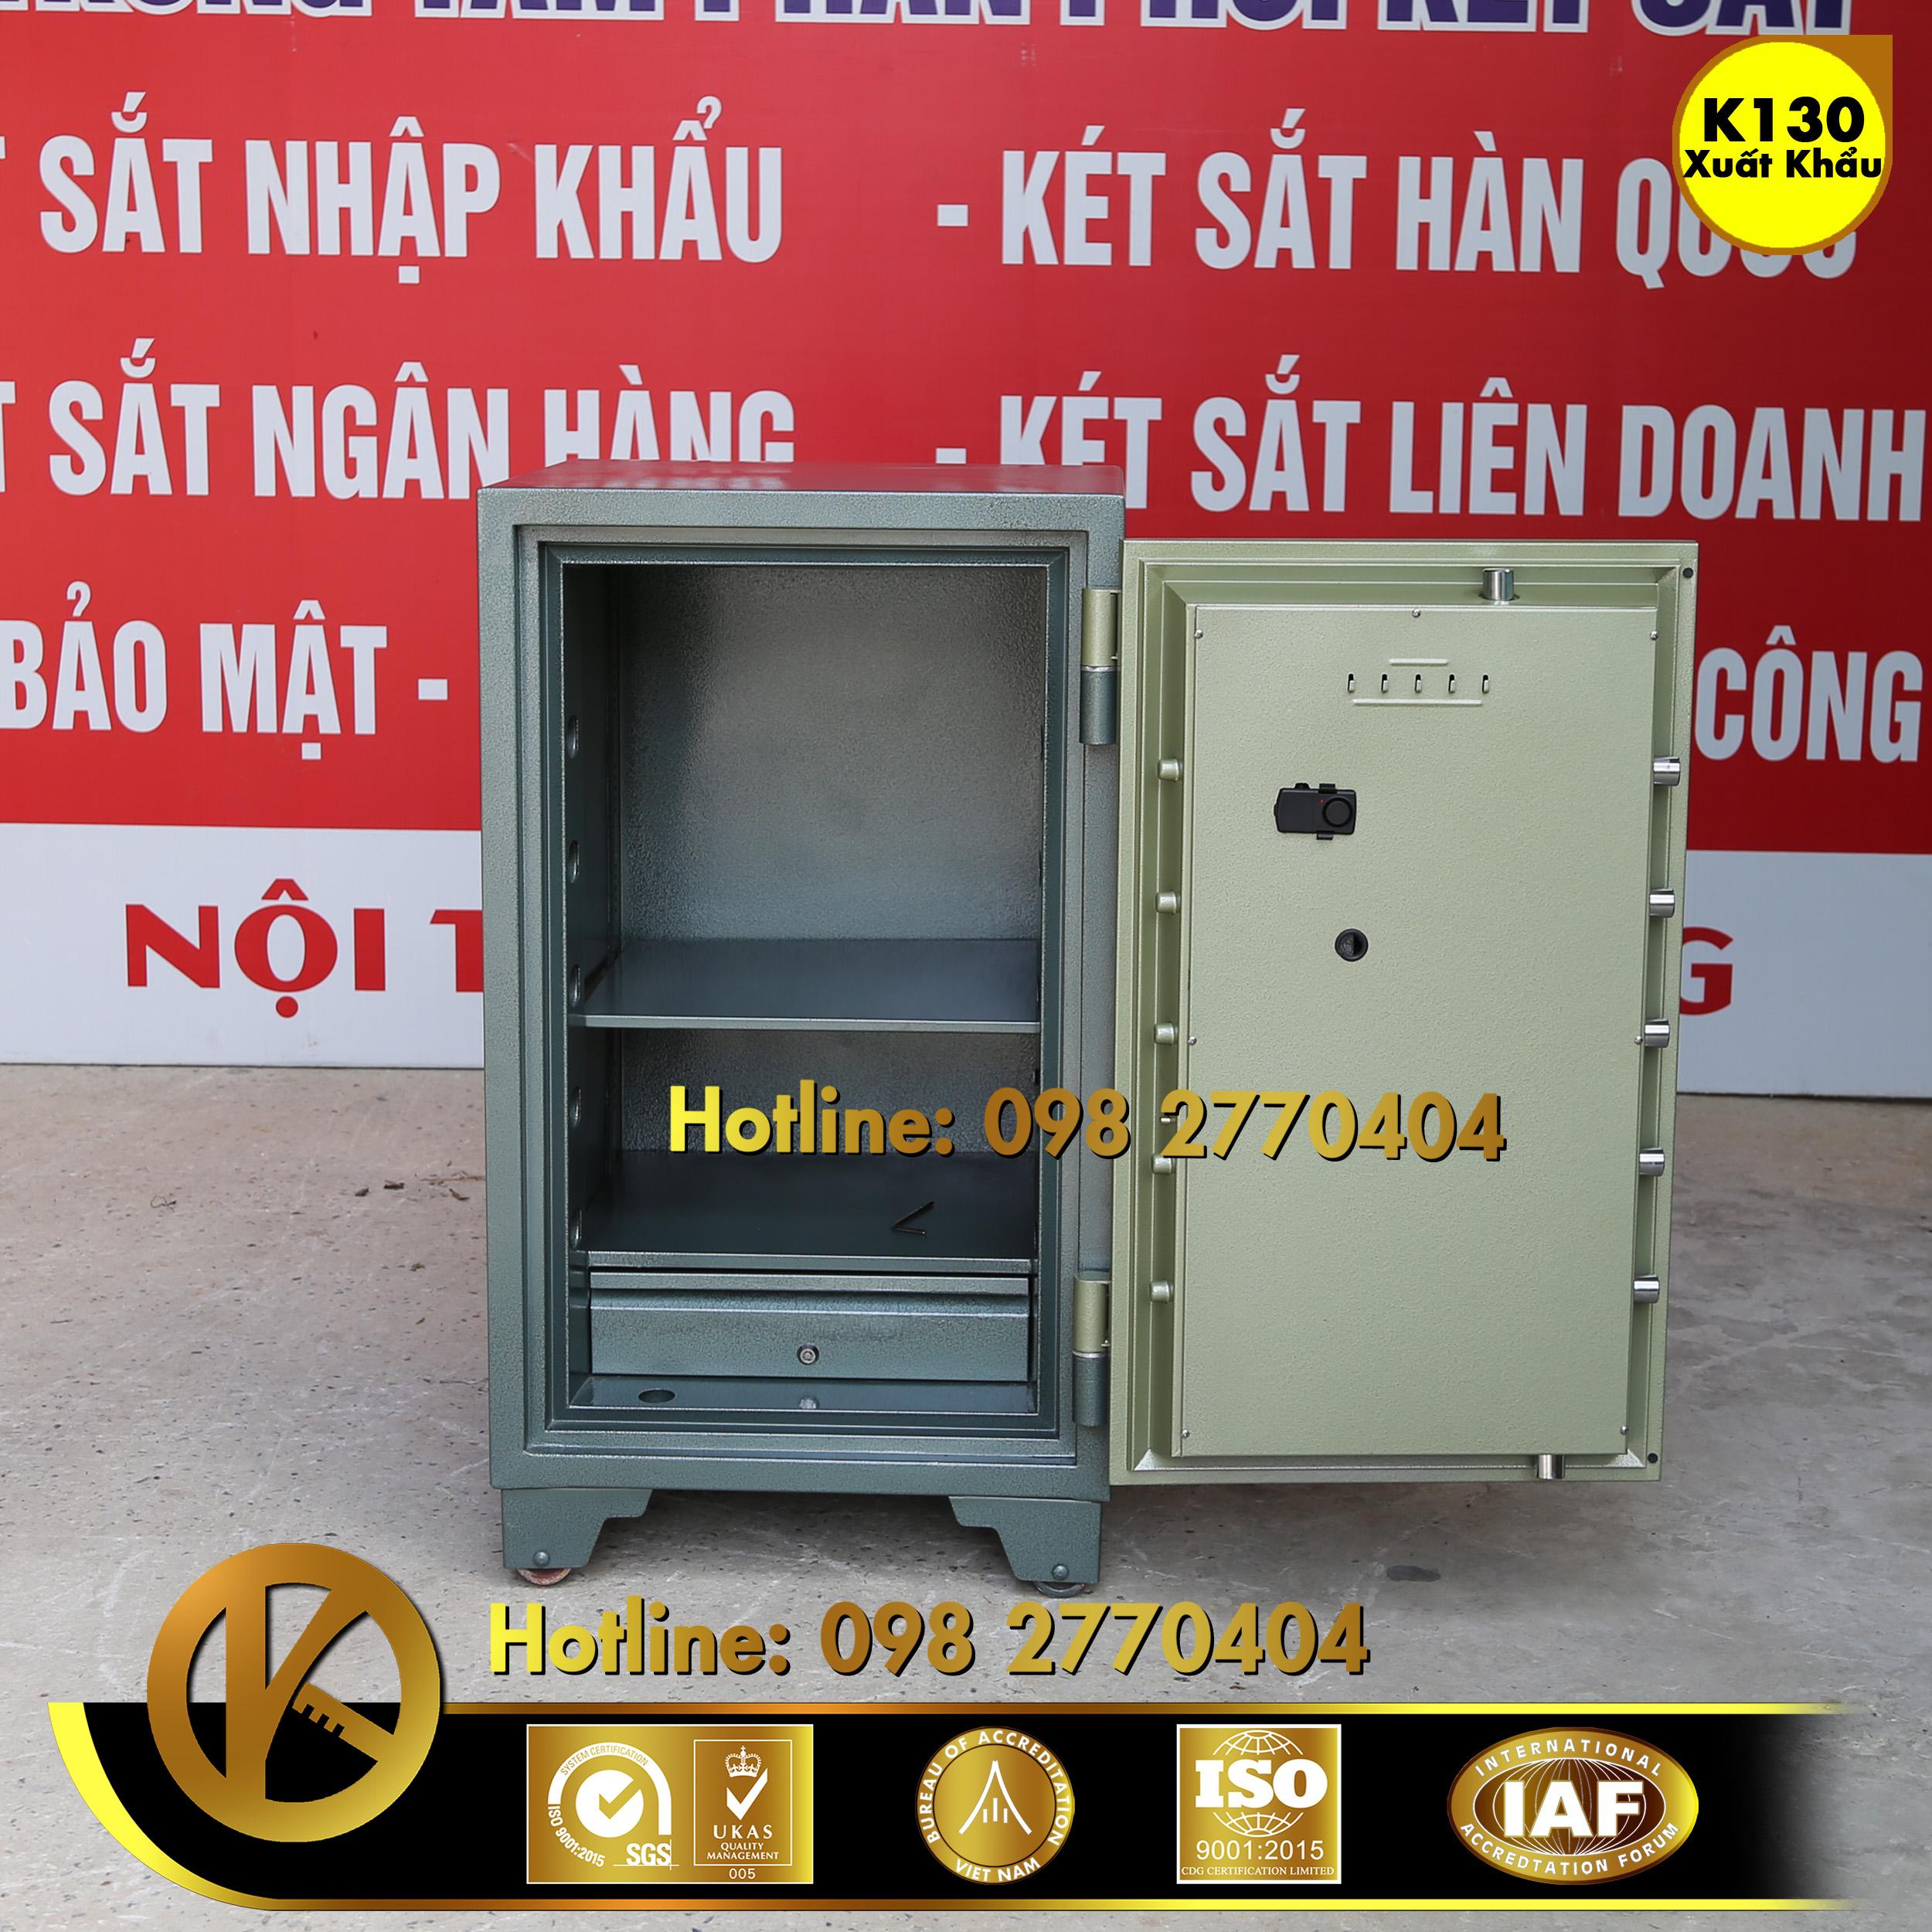 hình ảnh sản phẩm Két Sắt Ngân Hàng BEMC K130 Khoá Điện Tử